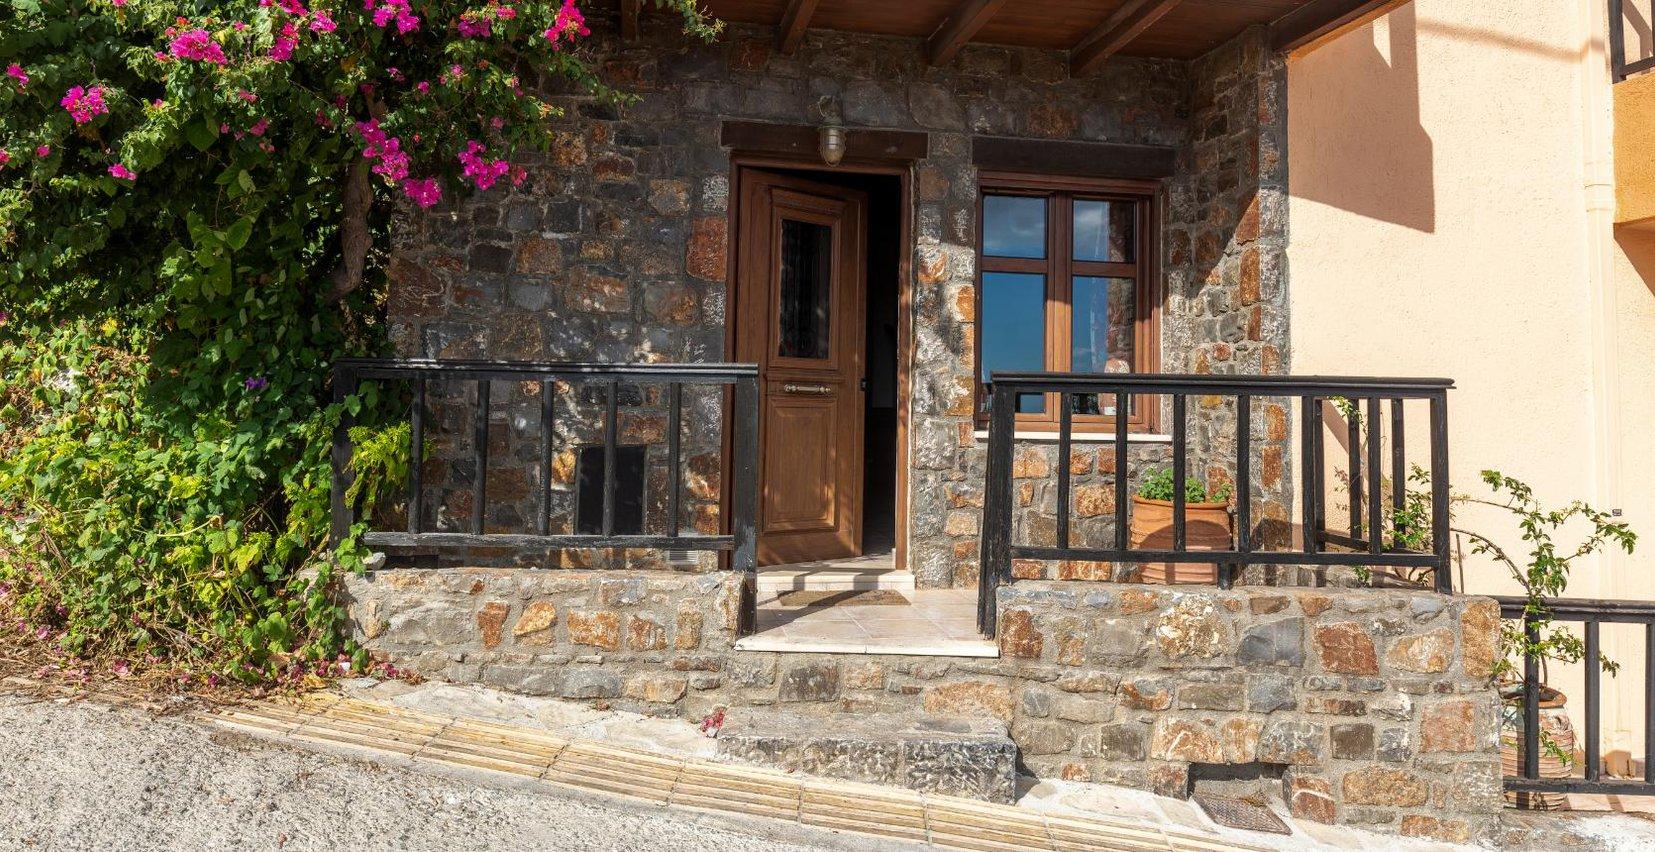 Η είσοδος της κατοικίας με τους πέτρινους τοίχους, και τα σκαλοπατάκια που οδηγούν στην βεράντα με την πρασινάδα από γύρω